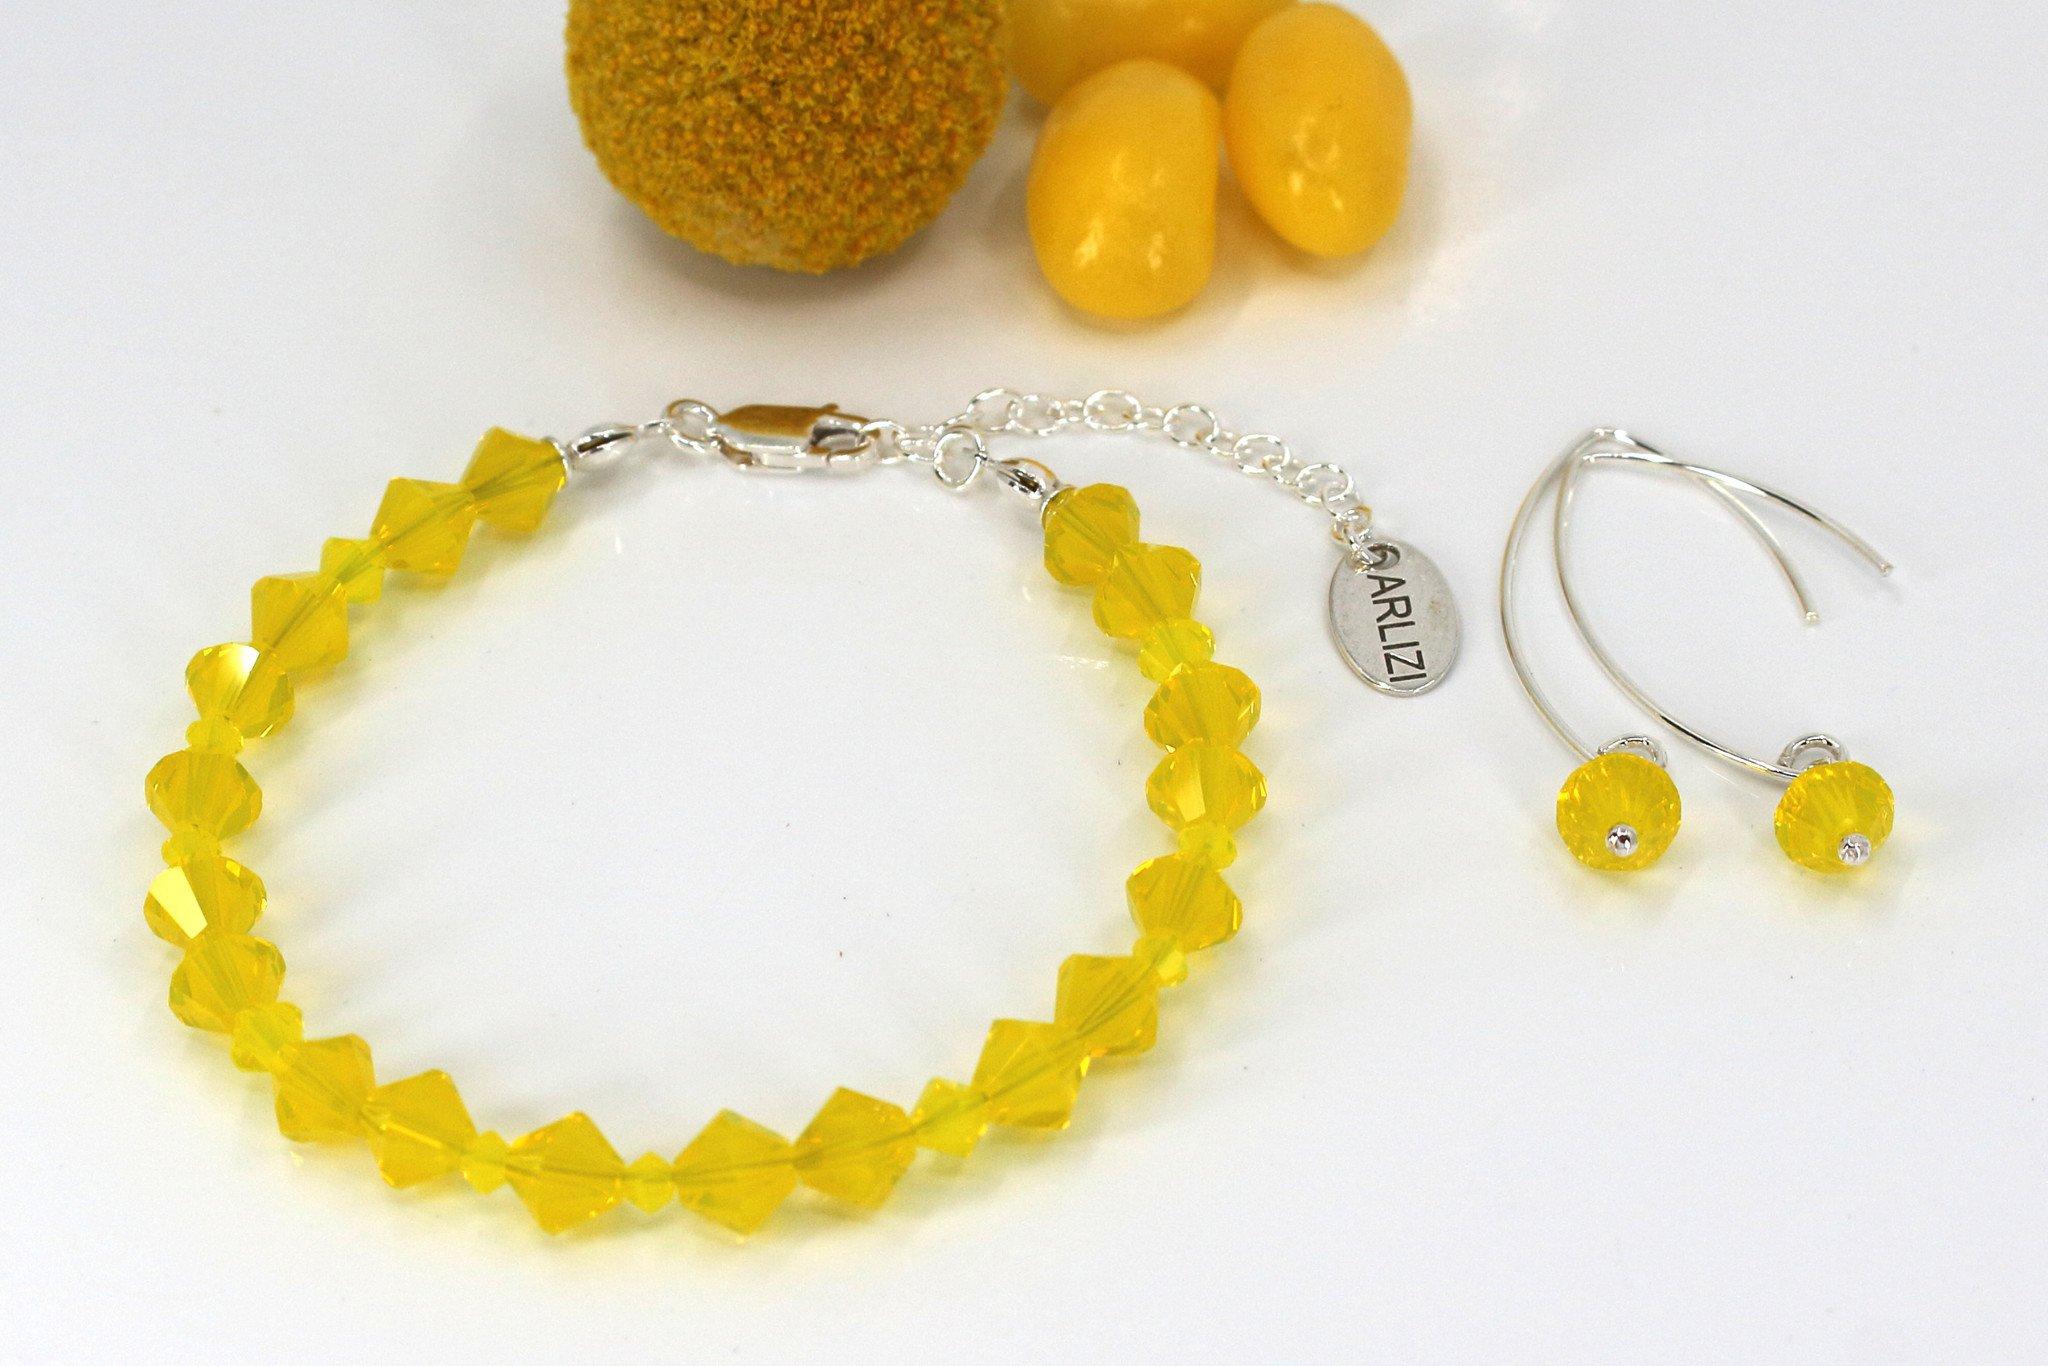 ARLIZI Jewelry neon yellow bracelet earrings